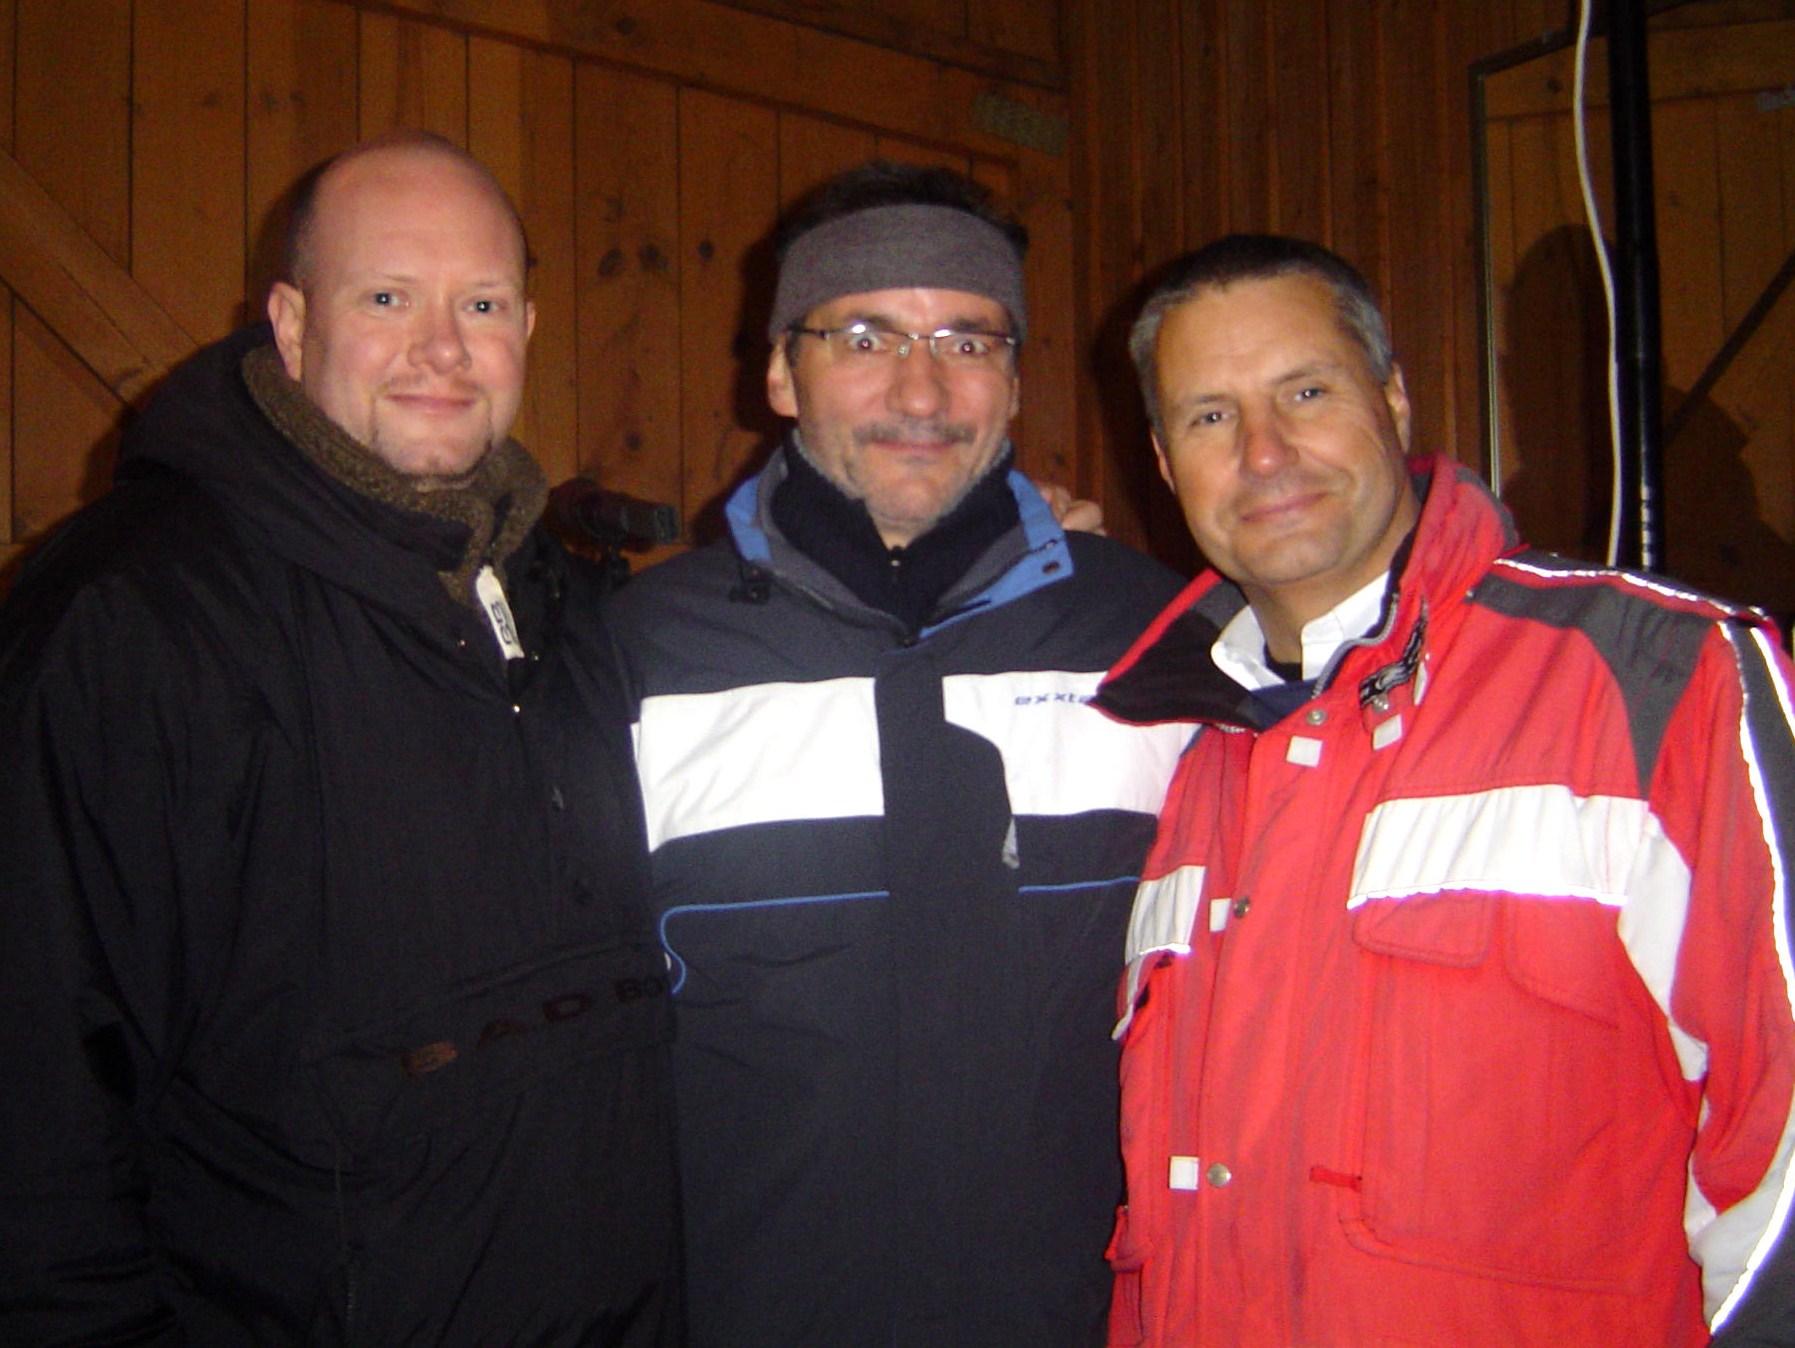 2009 - Große Aprés Ski Geburtstagsparty mit Brandenburgs Ministerpräsident Matthias Platzeck & Honorarkonsul Vivorel Babaca